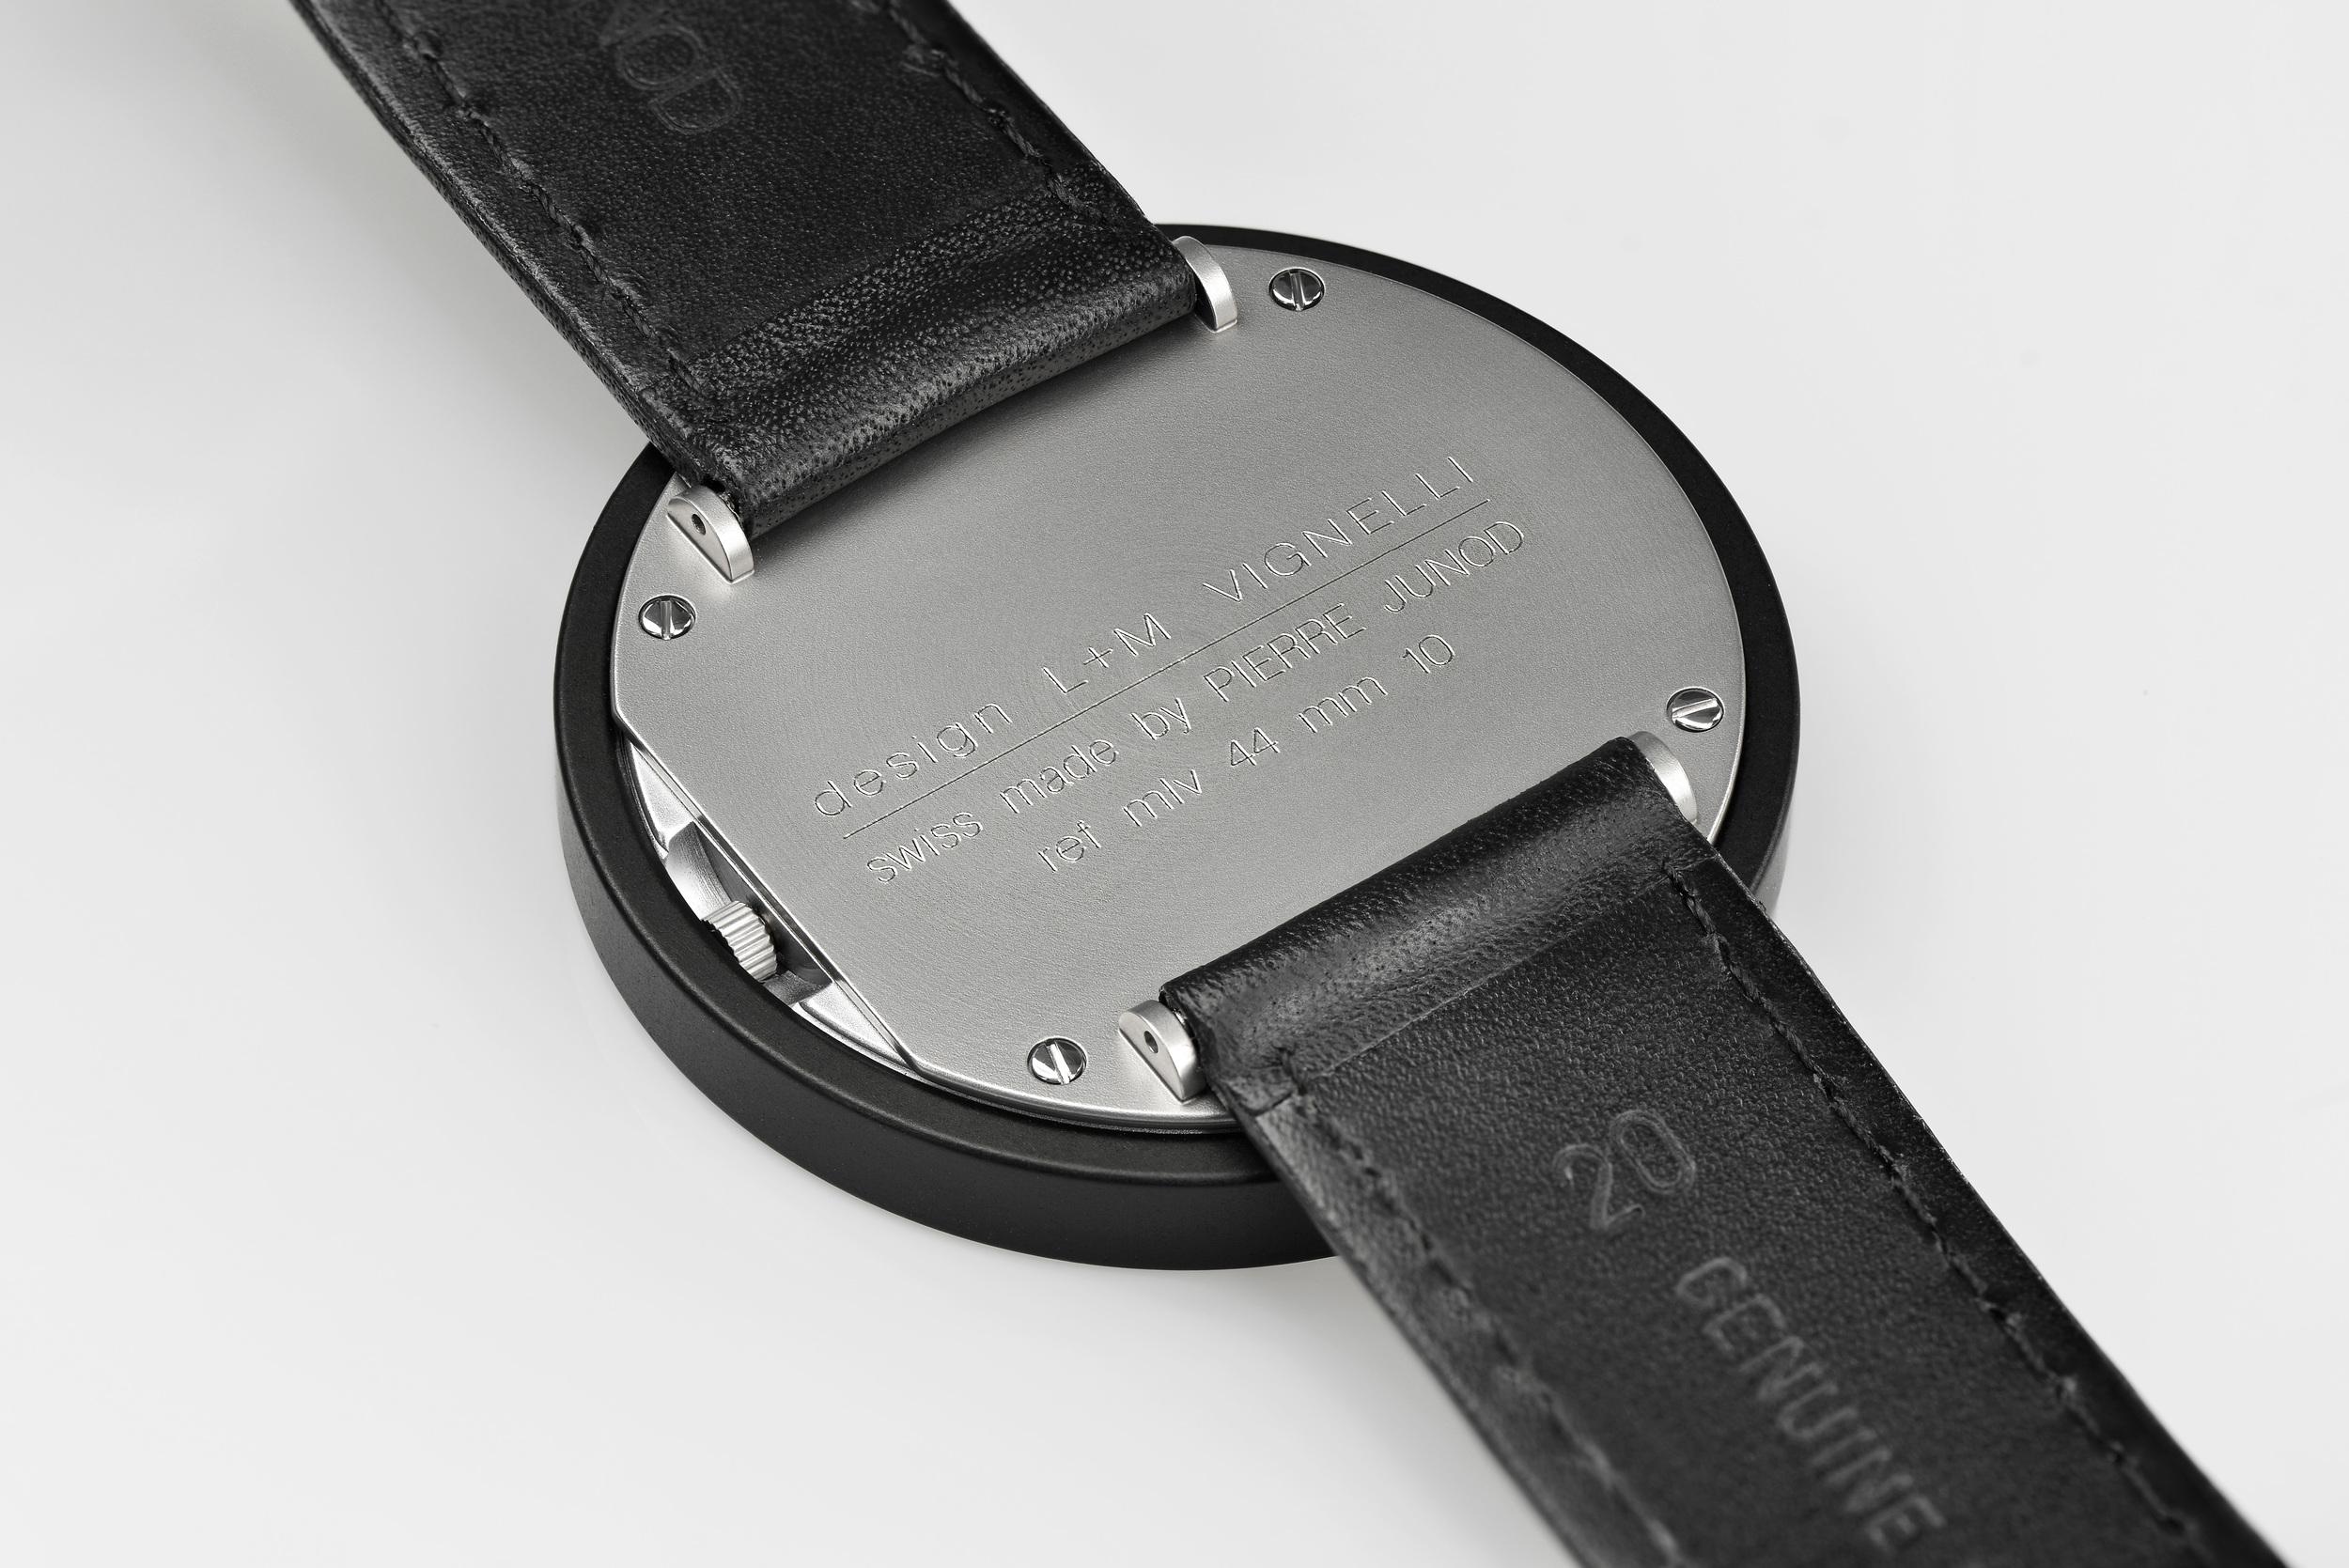 Junod-Vignelli 44mm blk ring back.jpg